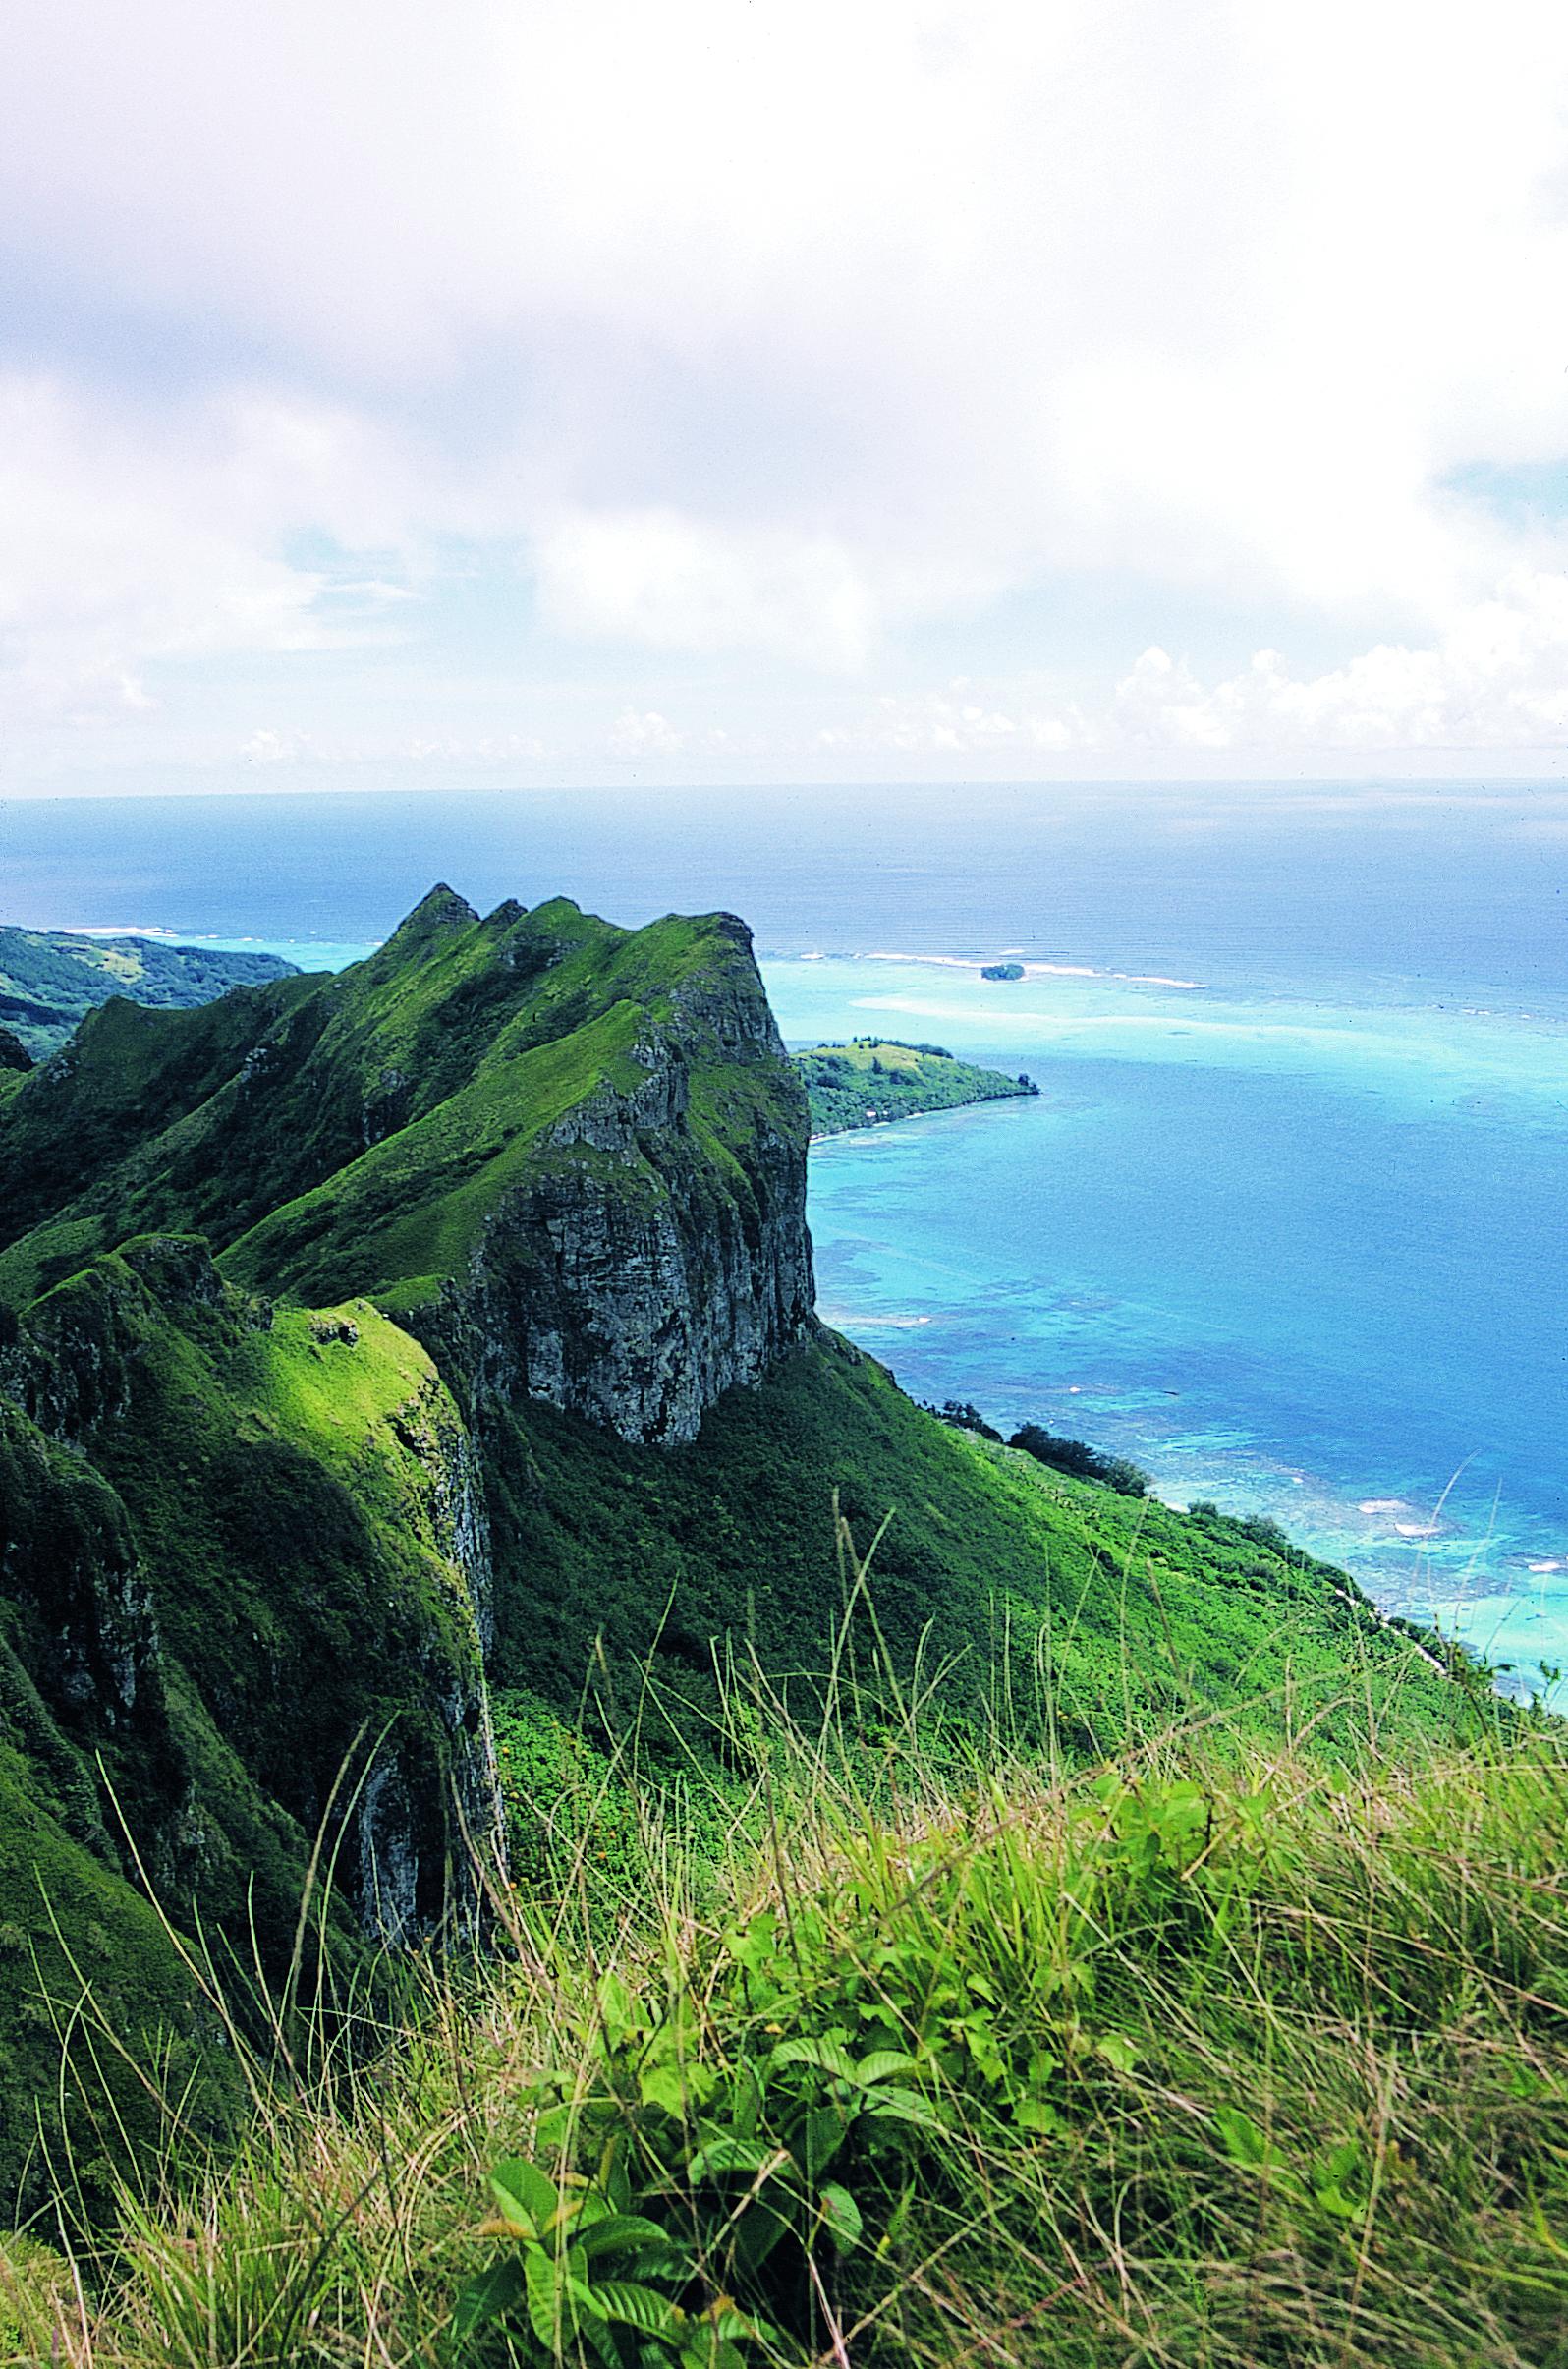 Carnet de voyage à Raivavae : au sommet du mont Hiro